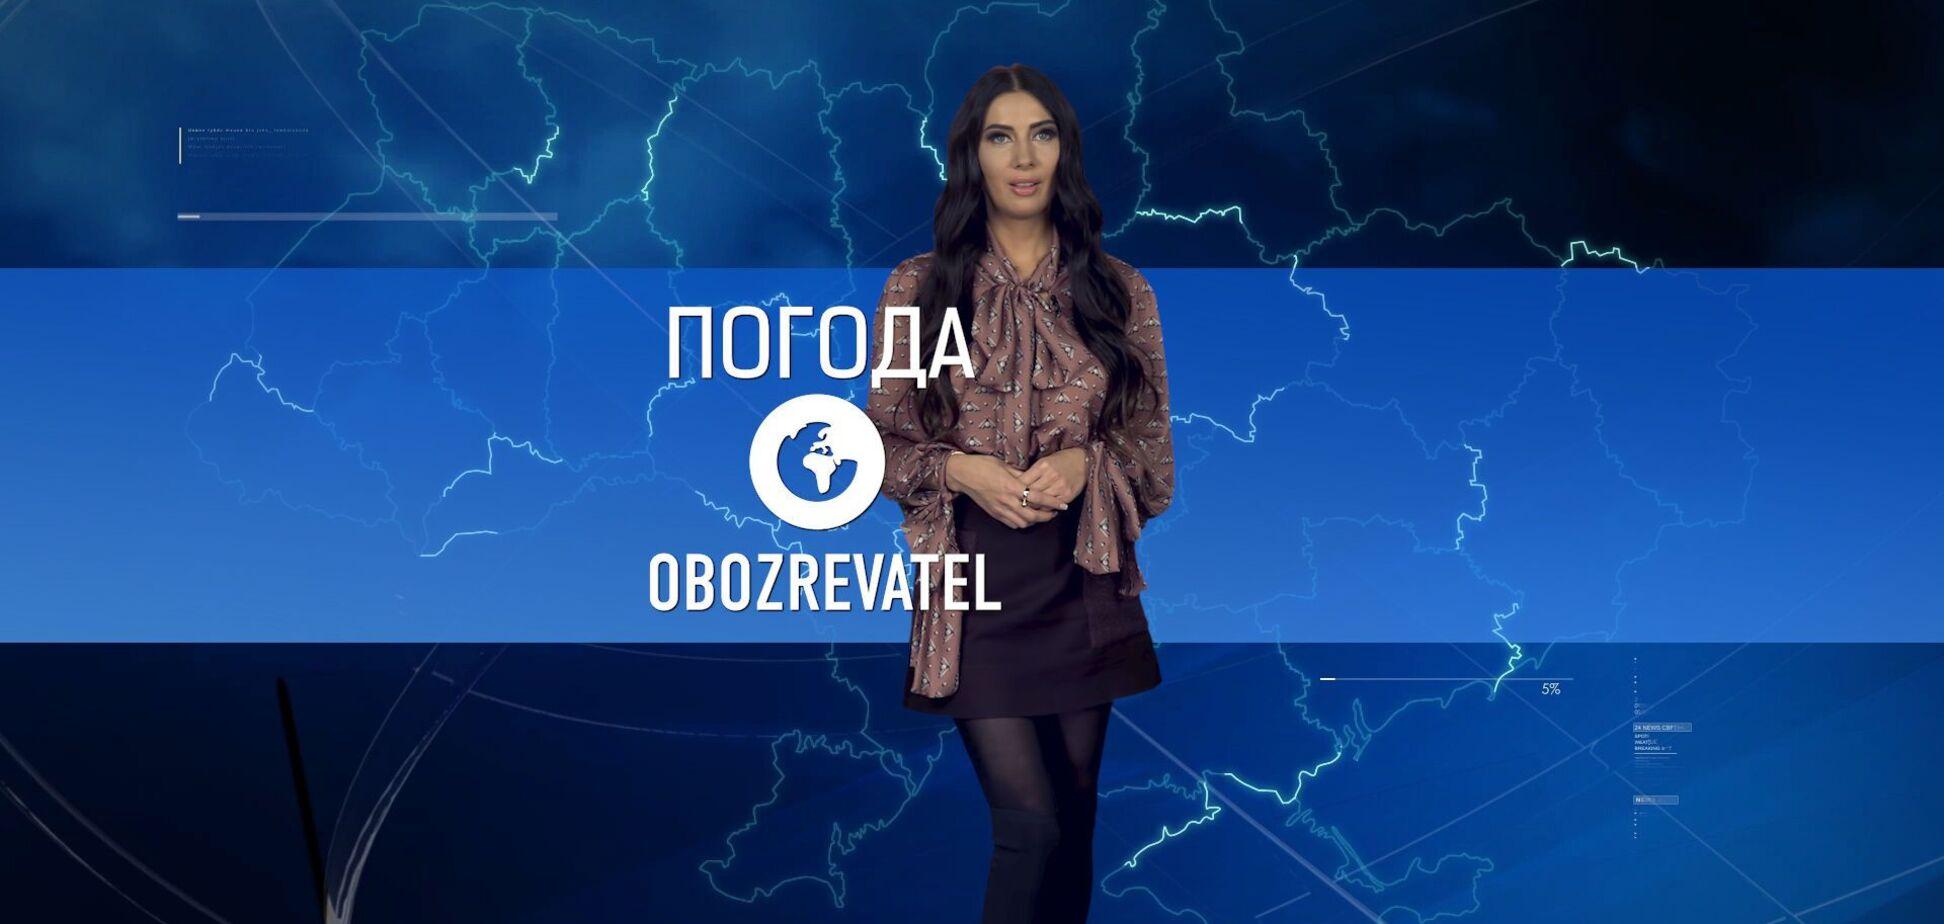 Прогноз погоди в Україні на понеділок, 21 грудня, з Алісою Мярковською